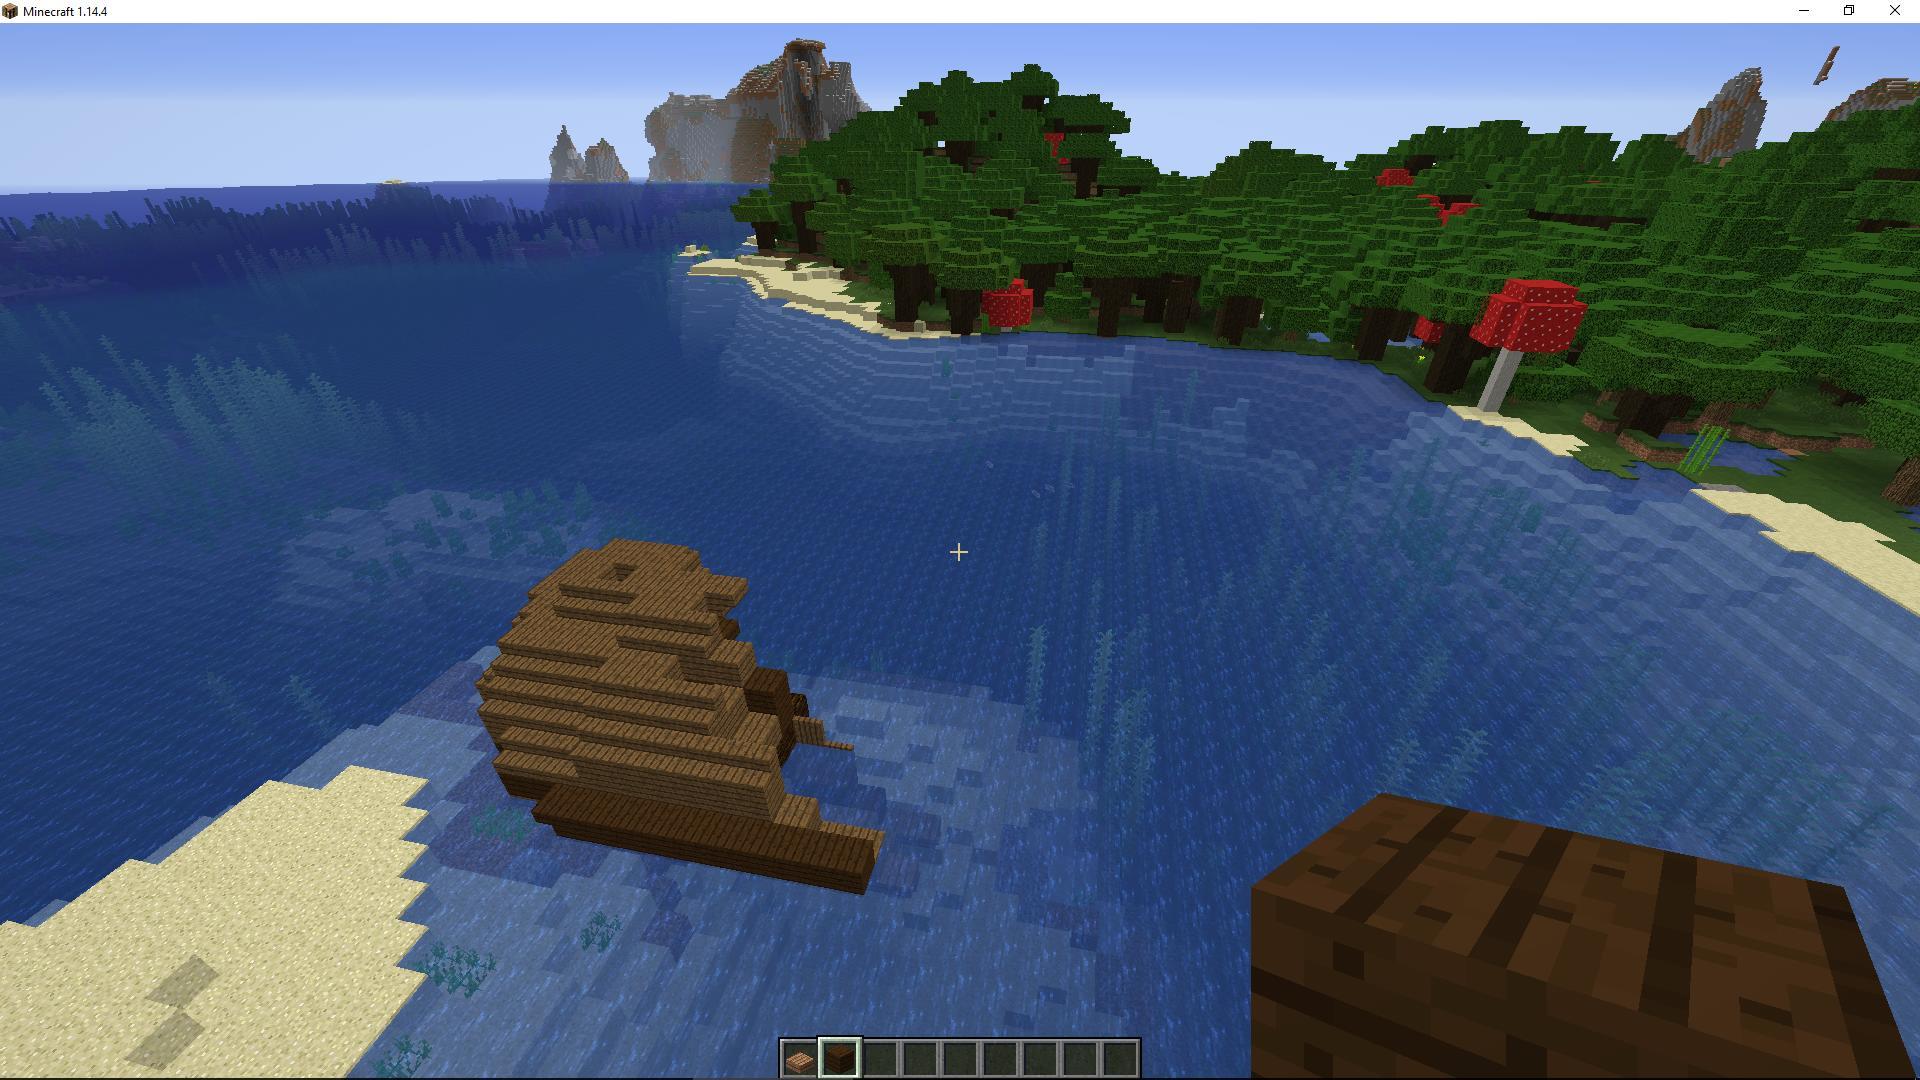 Сид «Два кораблекрушения, деревня и лесной остров» - скриншот 7